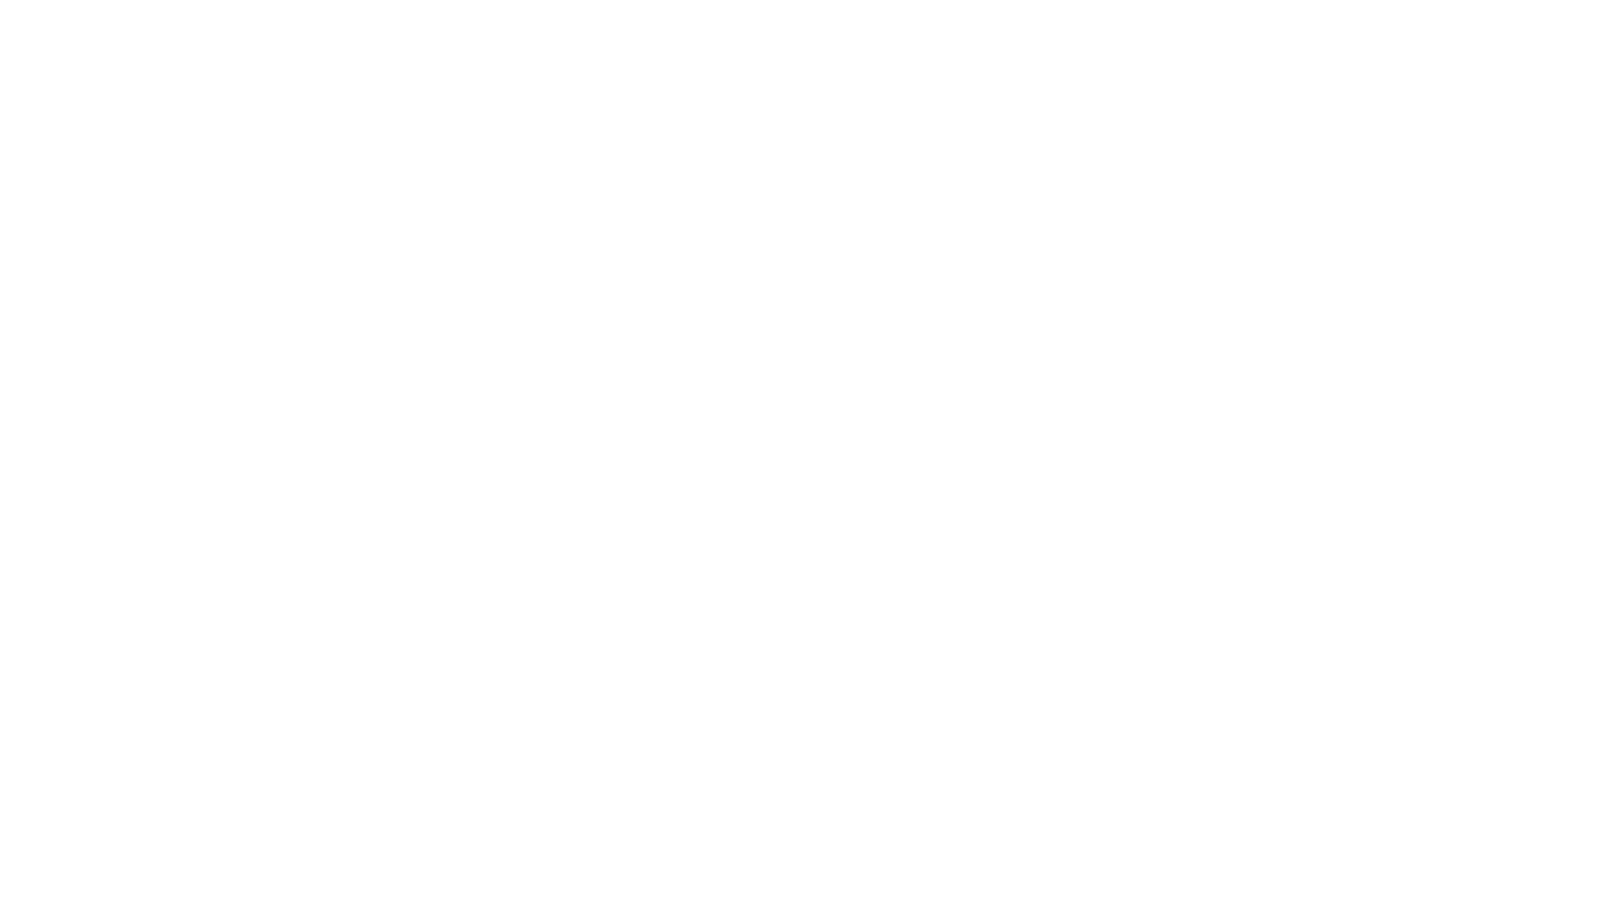 Para primeira live de raças do ano, vamos falar sobre uma belíssima e nobre raça, o Cocker Spaniel Americano. Para nos falar sobre como é conviver com vários desses cães, teremos uma live internacional e com criadores de alta qualidade. Wilma Rosa Leite Fraga - Canil BSB Cockers Breeding - DF Michel Benites - Canil Flamboyant Hause - Árbitro All Rounder da CBKC/FCI - RS Joanna de Assis - Canil Hall of Lords - Mentora Oficial da Raça, pelo Spaniel Club Americano - França